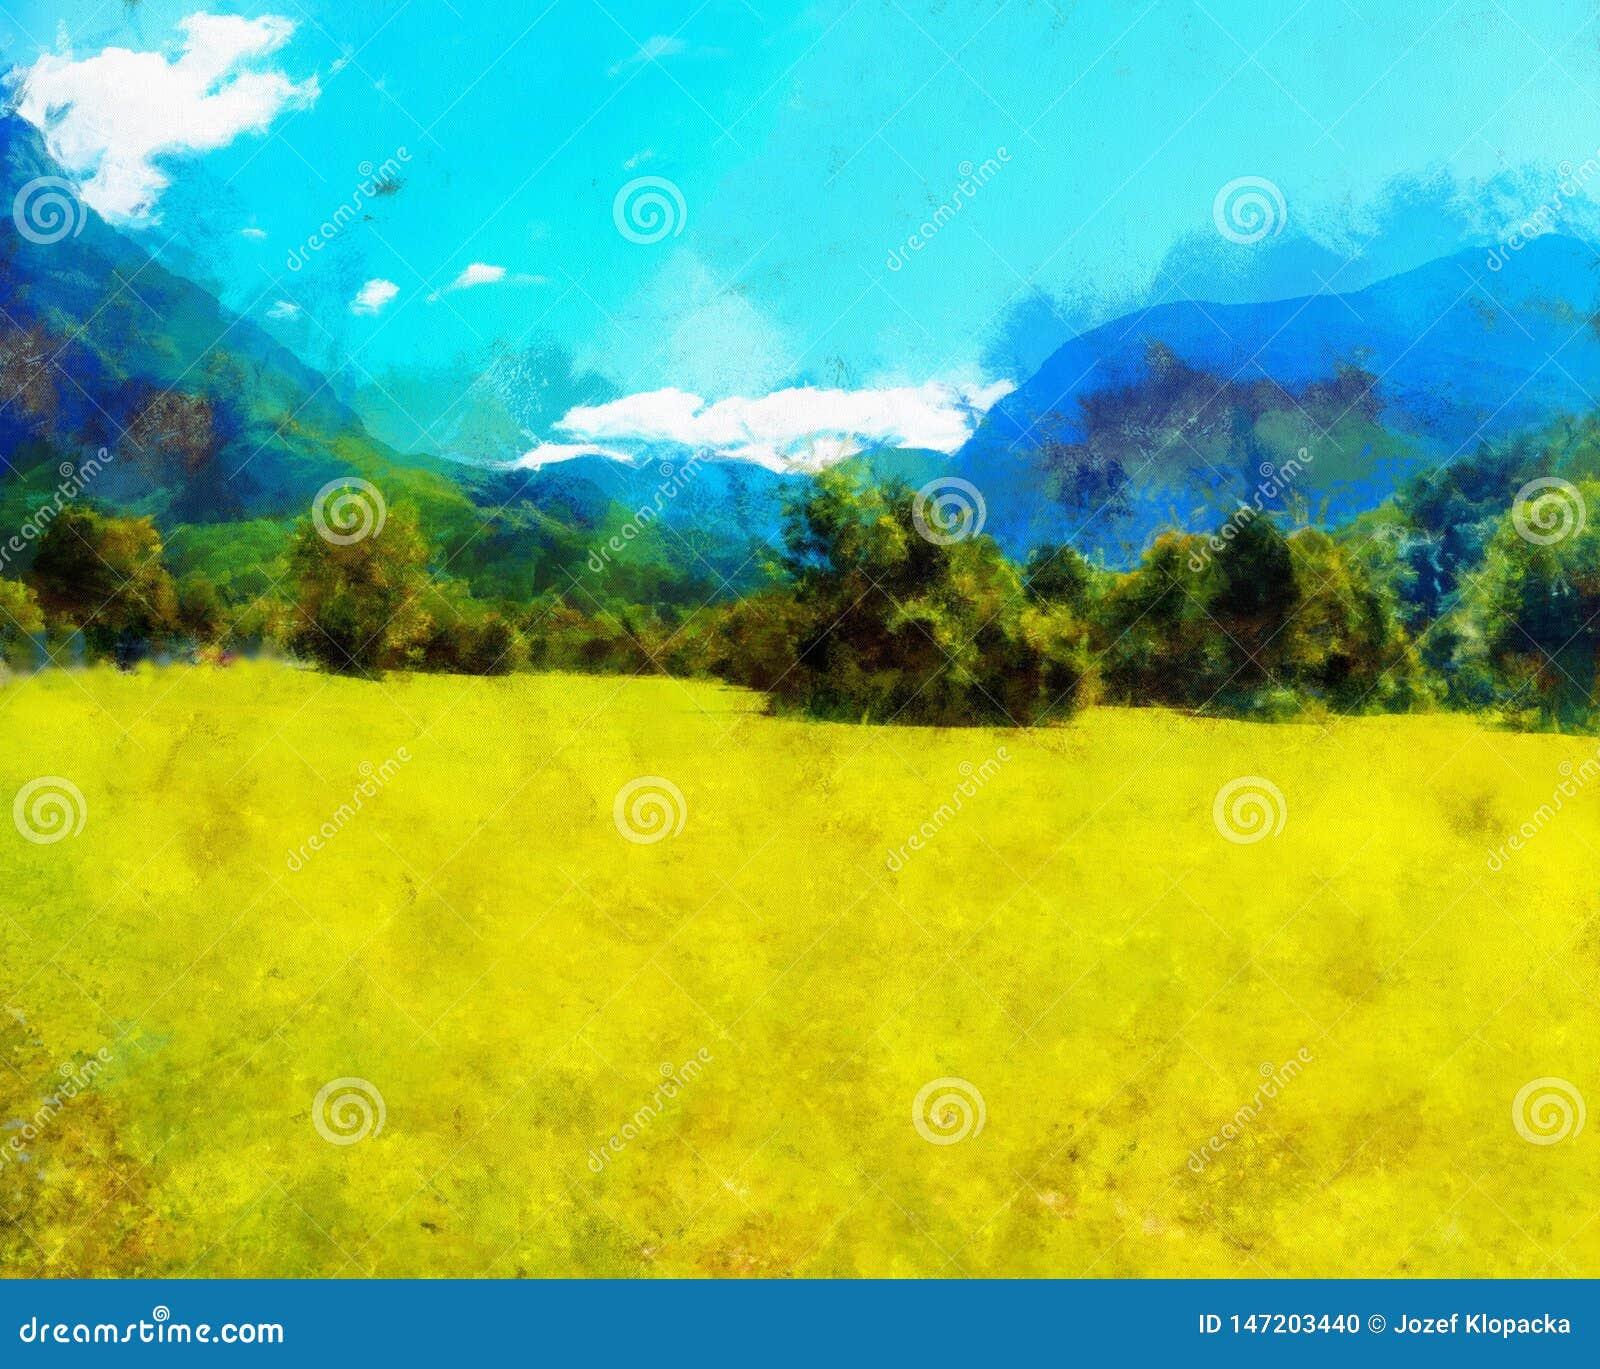 Красивый ландшафт, желтый луг и влияние компьютера крася